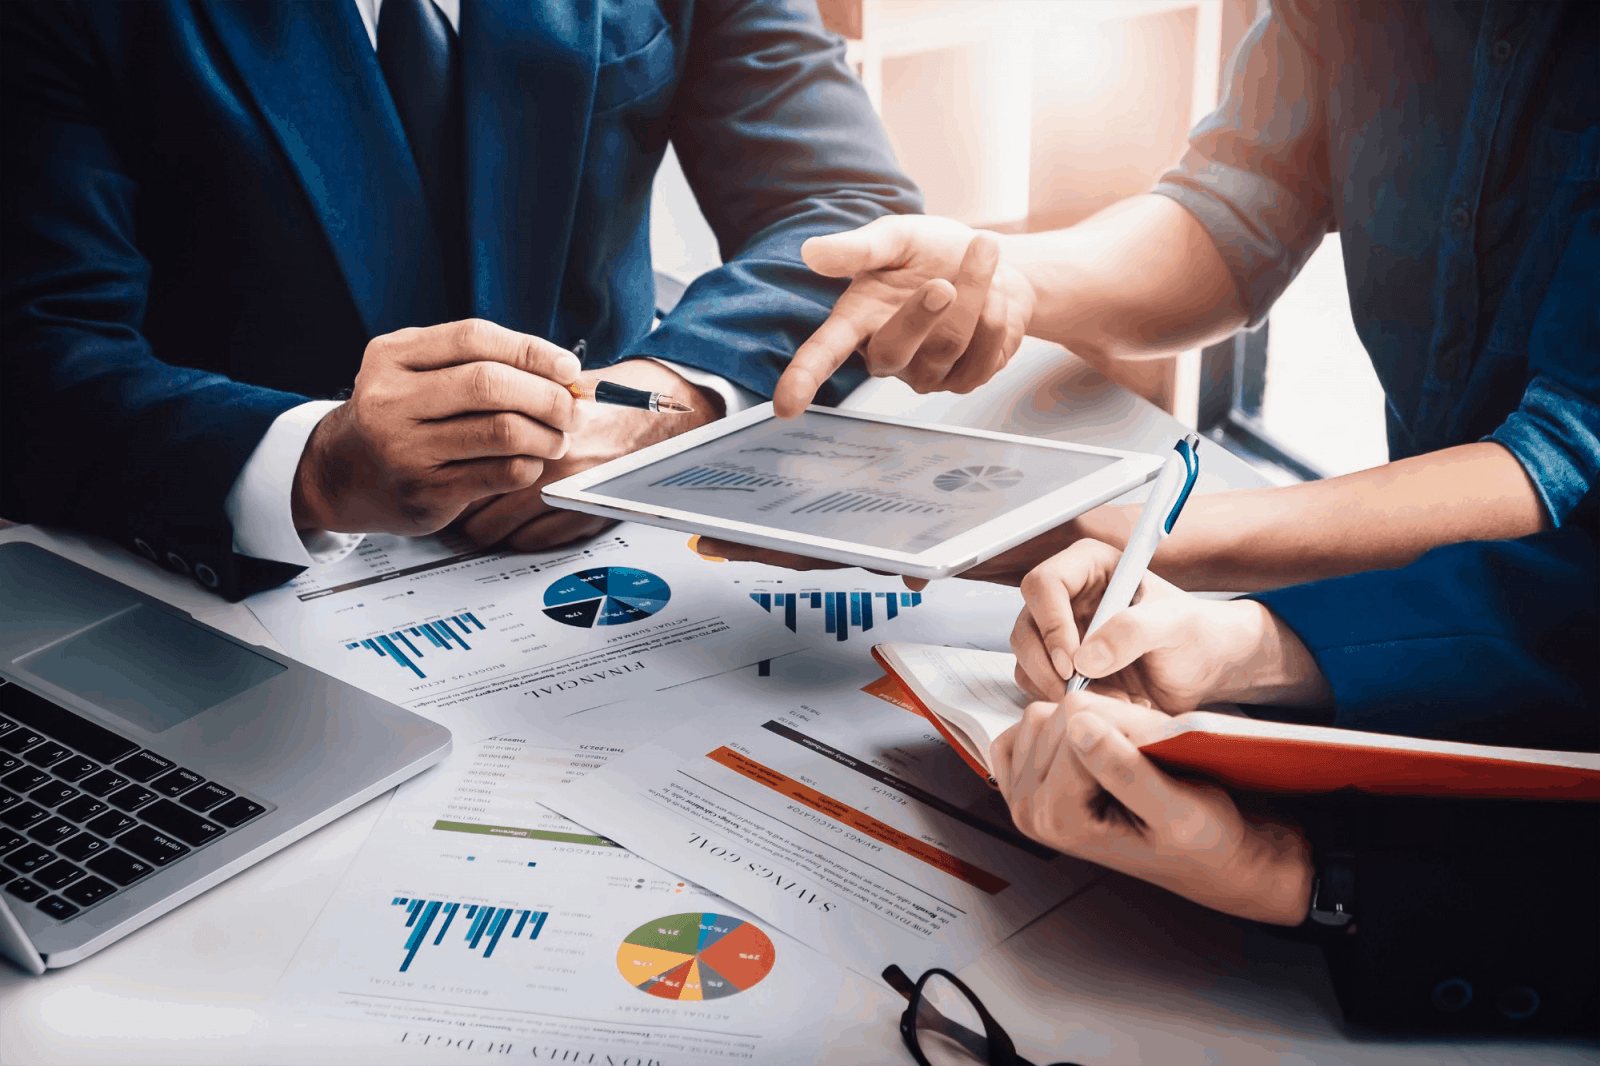 Veja 4 tipos de métrica e como escolher as melhores para a empresa 1